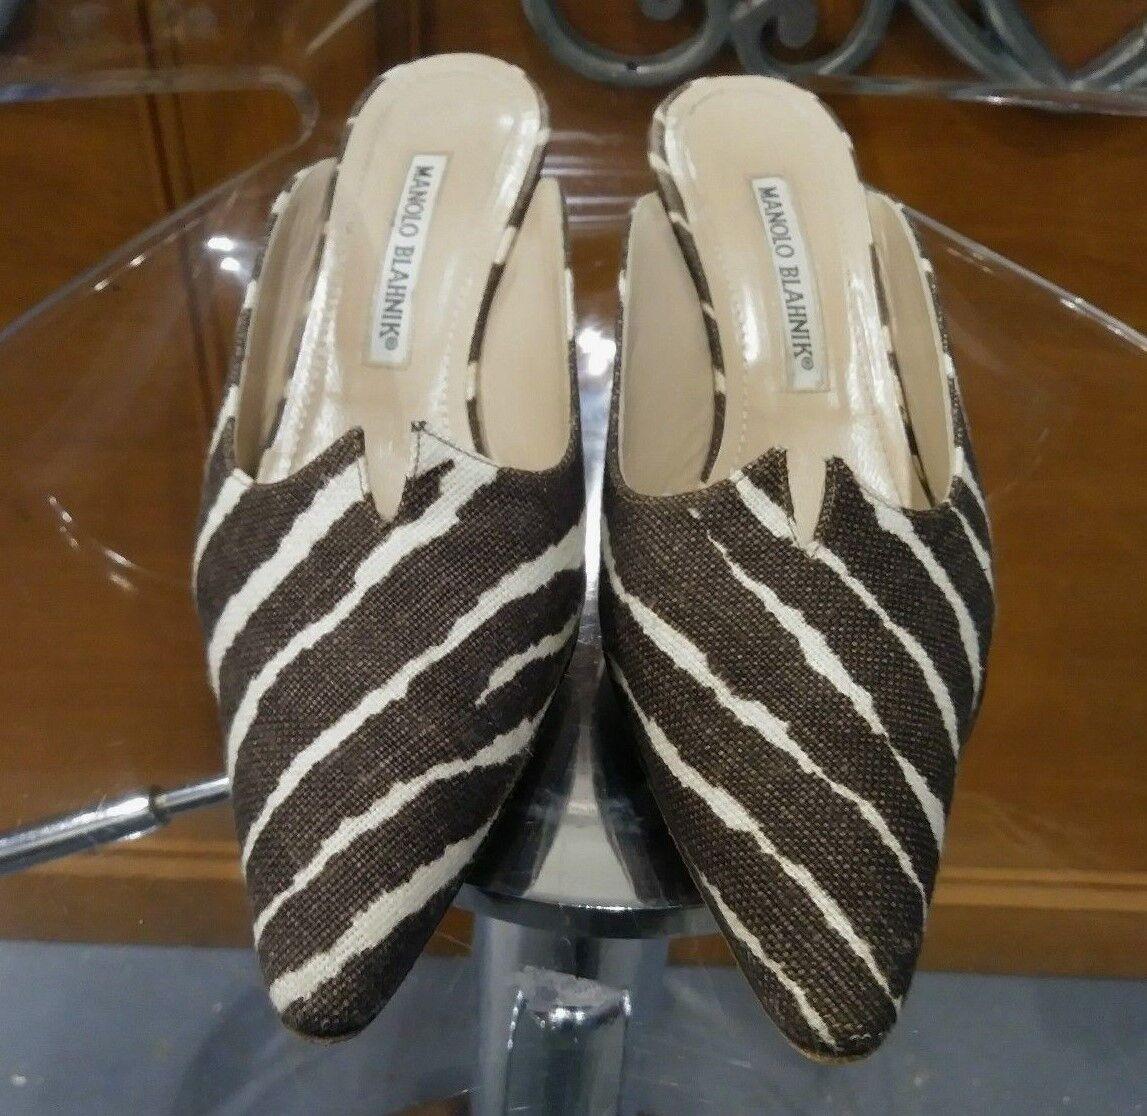 con il 100% di qualità e il 100% di servizio Manolo Blahnik Zebra Animal Print Marrone Ivory Fabric Mules Wooden Wooden Wooden Heel S 36 1 2  Offriamo vari marchi famosi